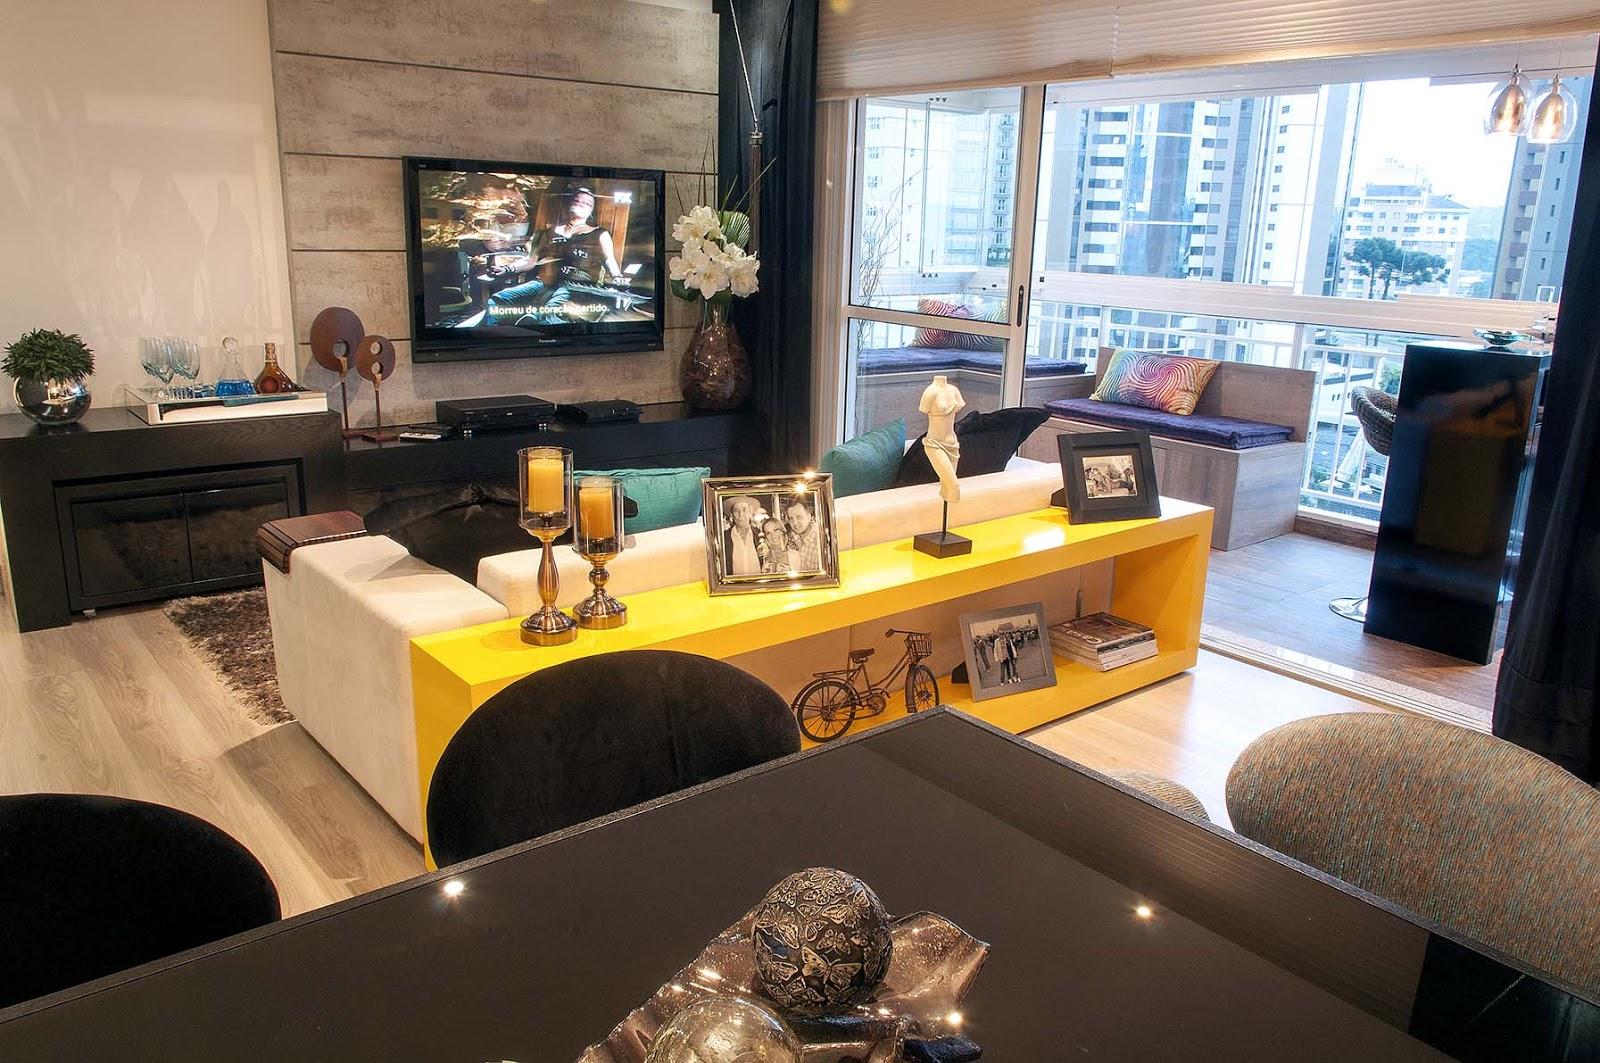 Espaço MoMe: Móveis planejados otimizam espaços em apartamentos #C39F08 1600 1063